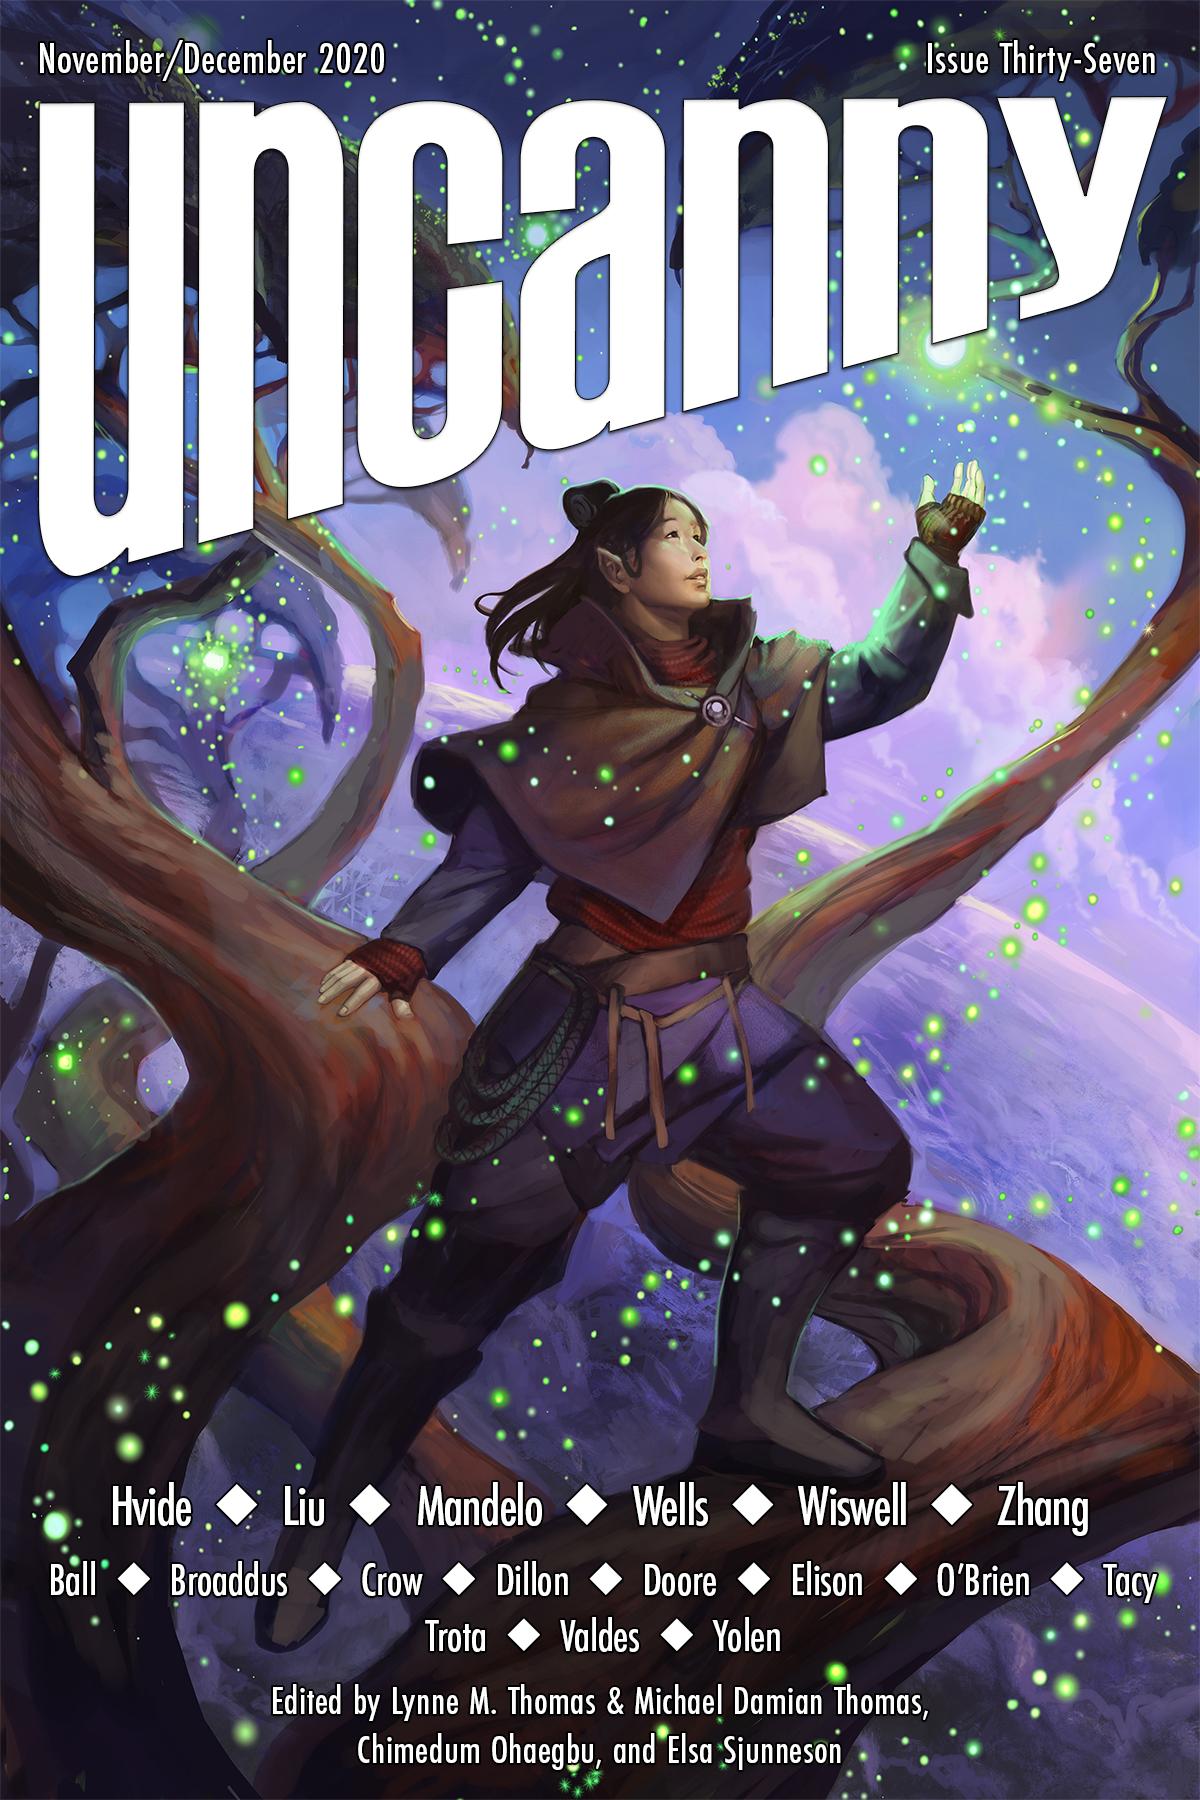 Uncanny Magazine Issue 37: November/December 2020 by Chimedum Ohaegbu, Elsa Sjunneson, Michael Damian Thomas, Lynne M. Thomas